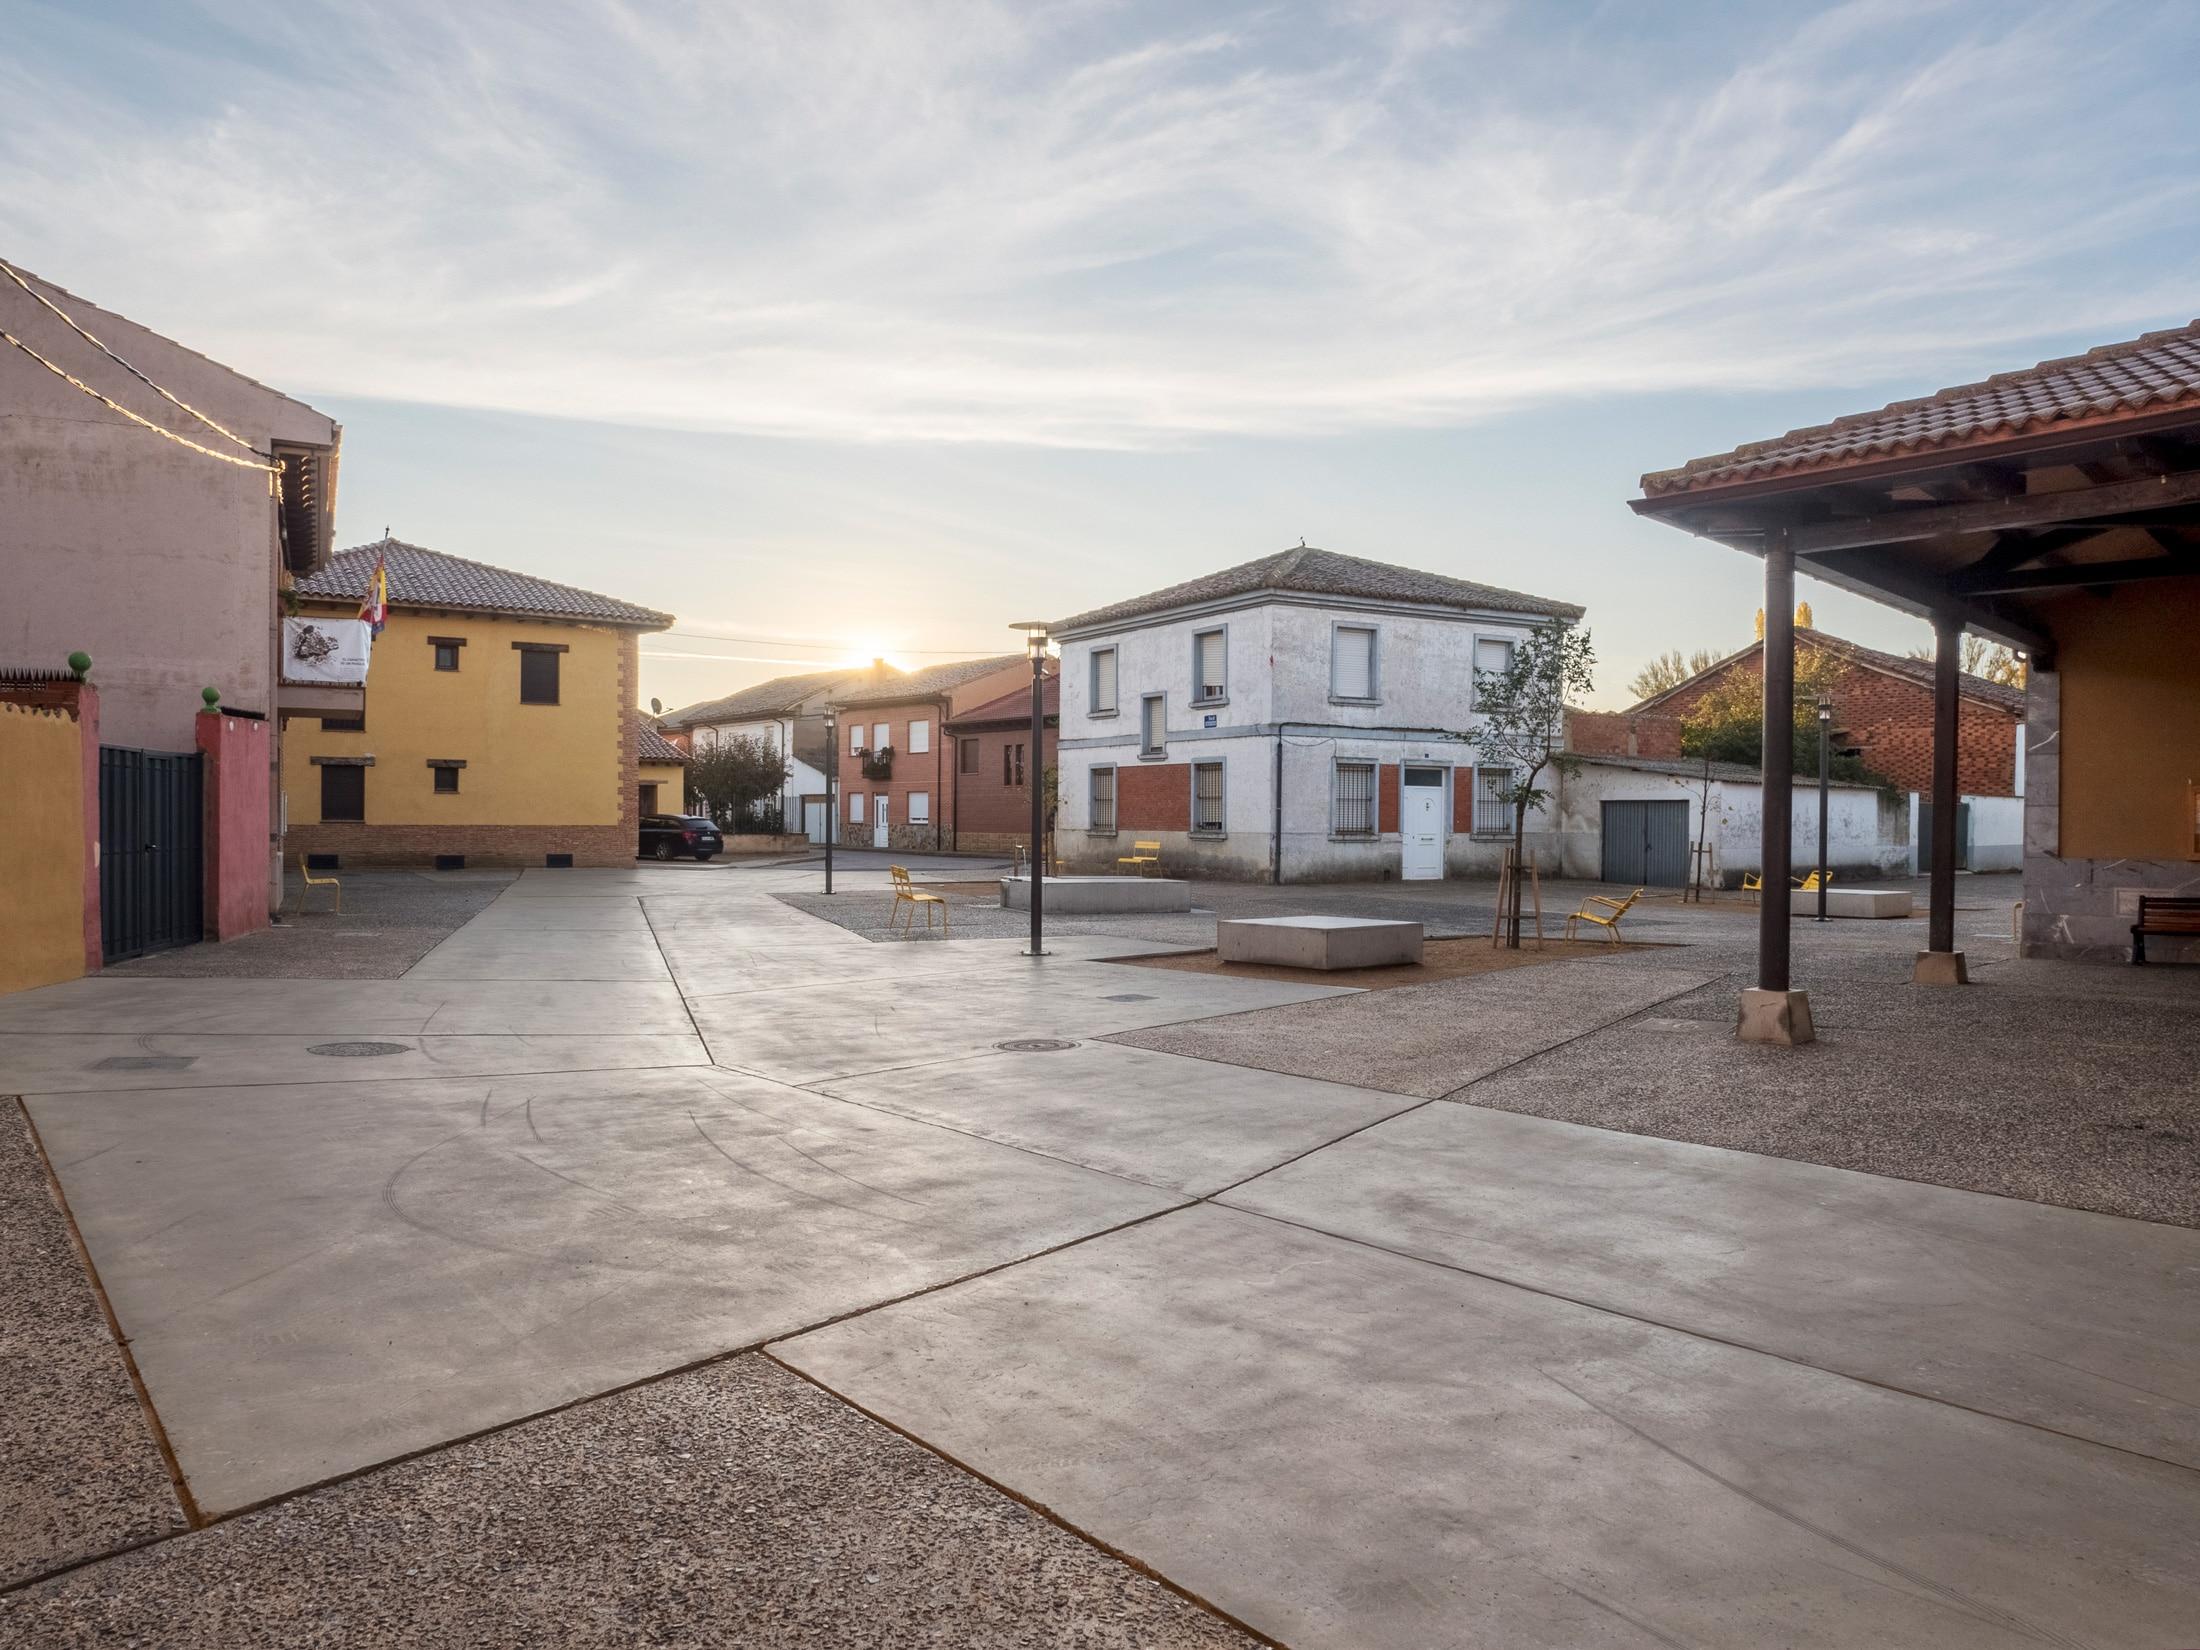 Plaza Mansilla – Pavimento pulido